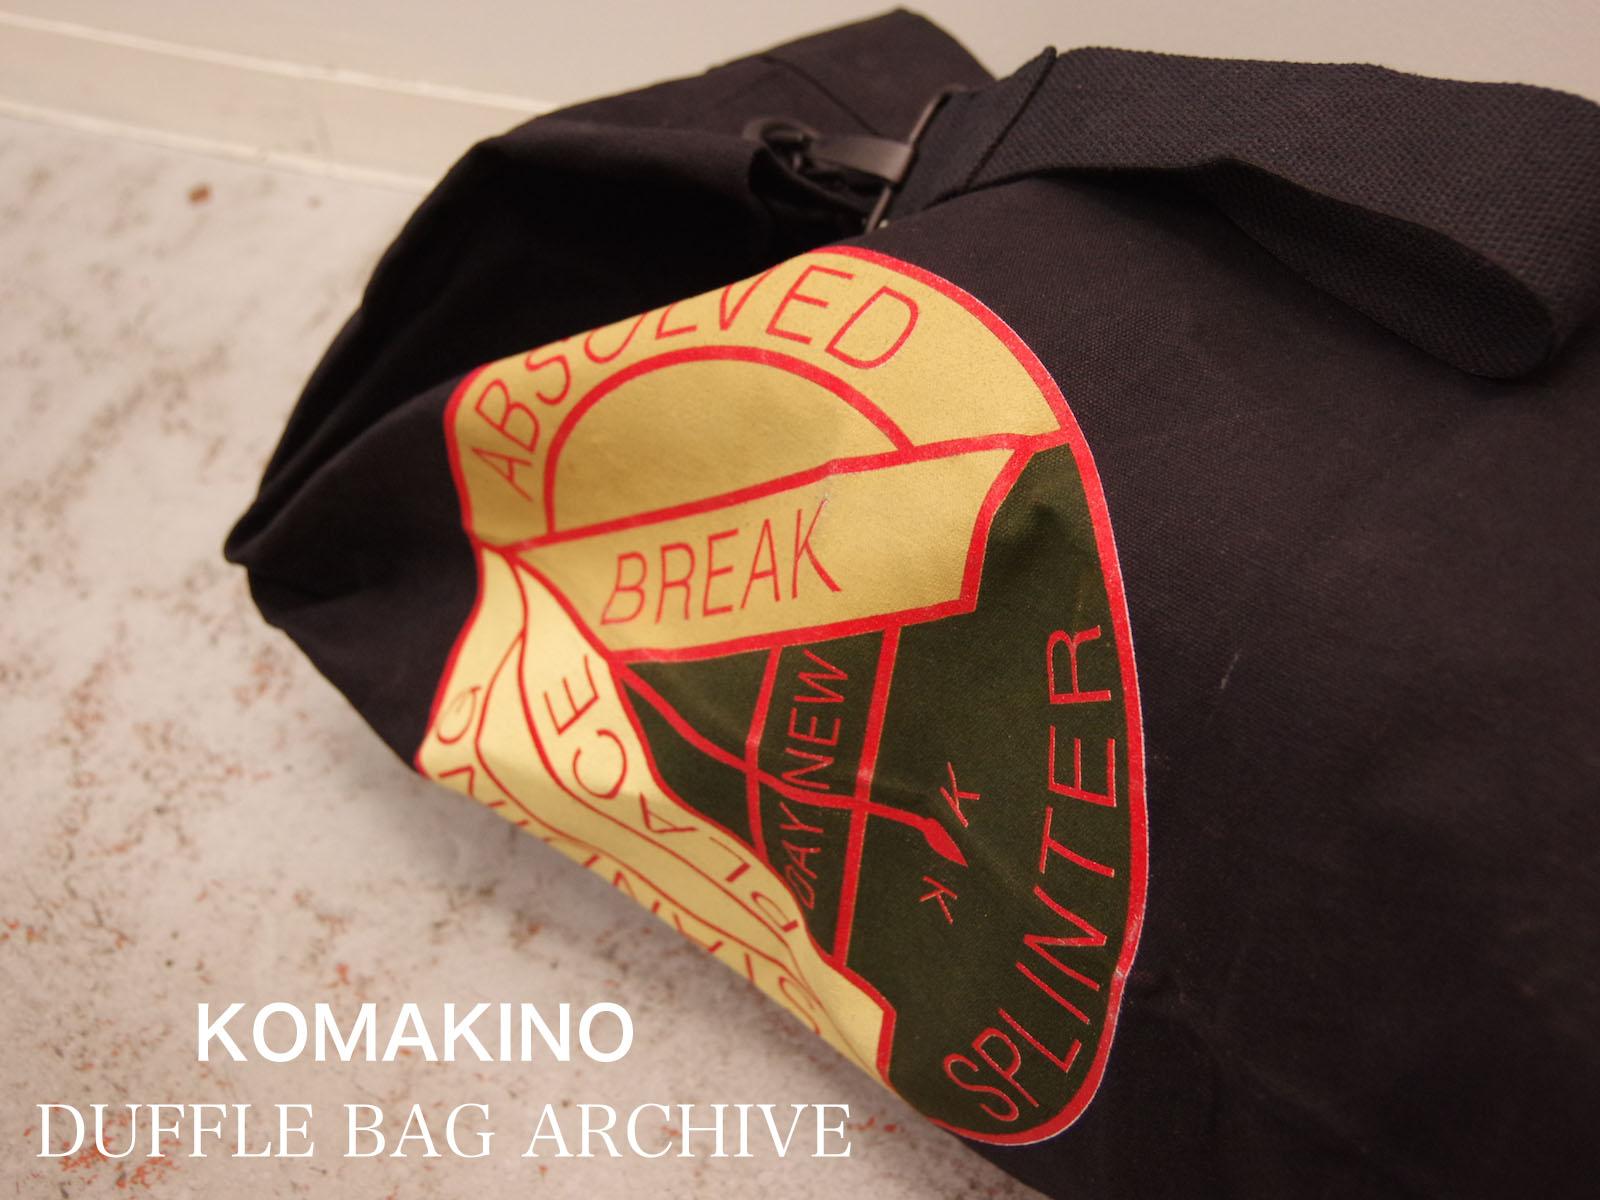 KOMAKINO – ダッフルバッグ アーカイブ